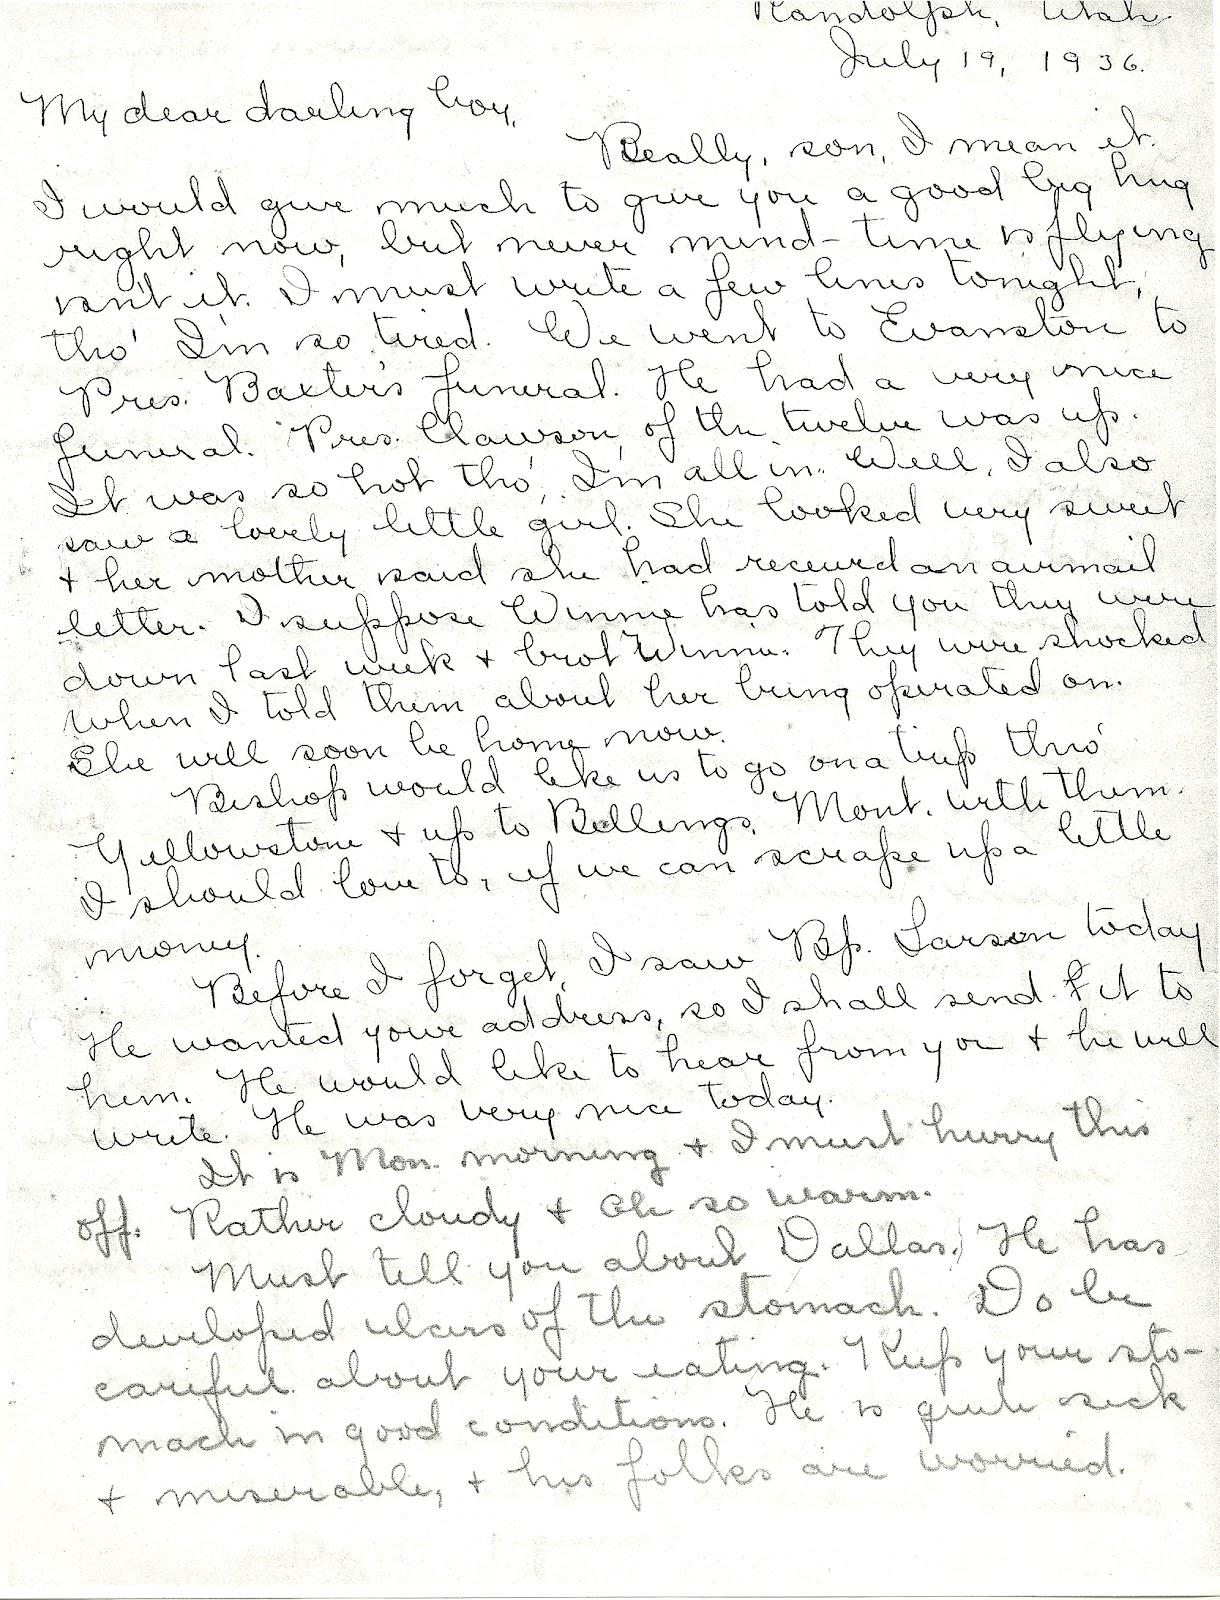 letter written by bessie